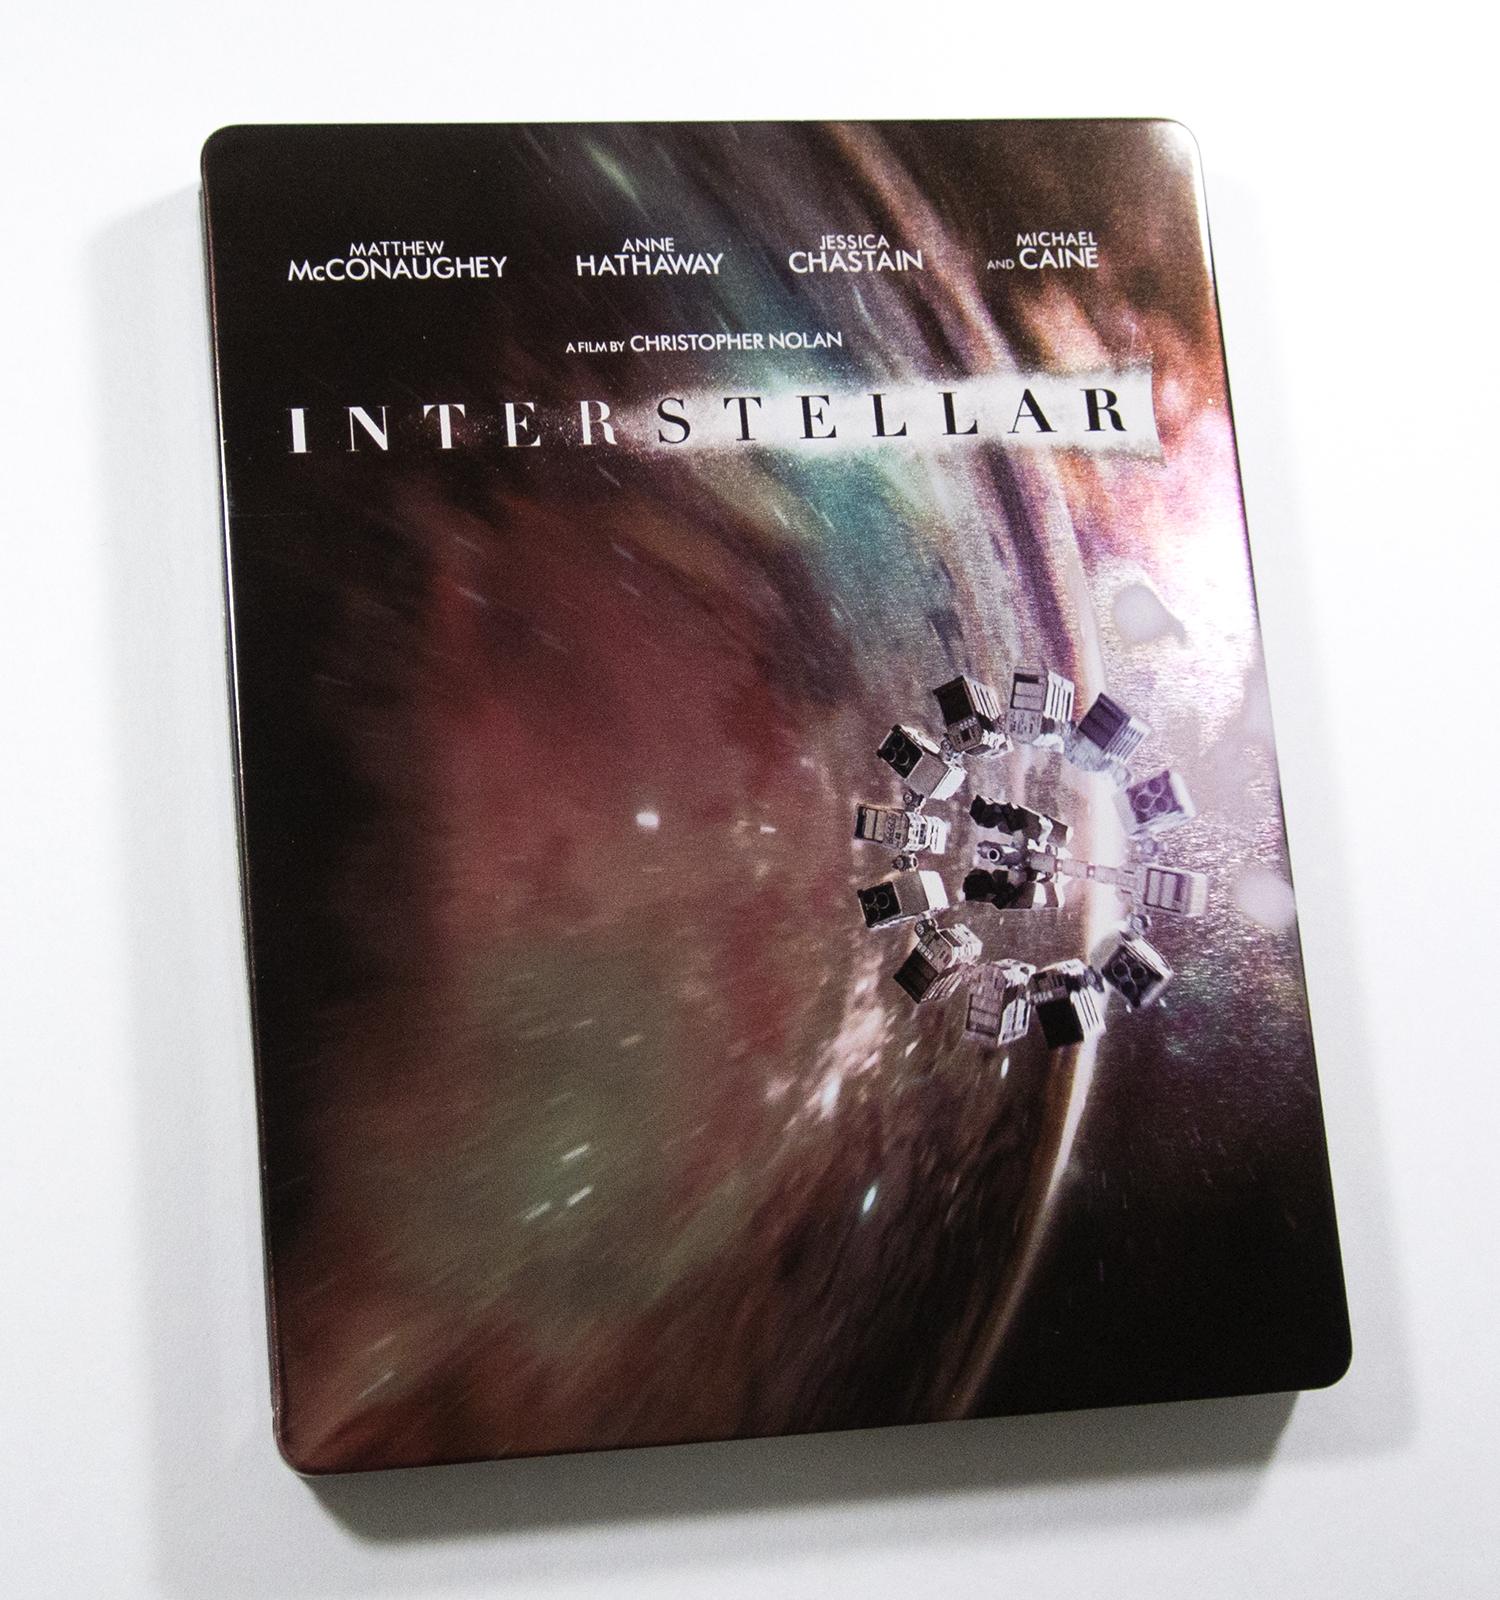 Interstellar HDzeta steelbook